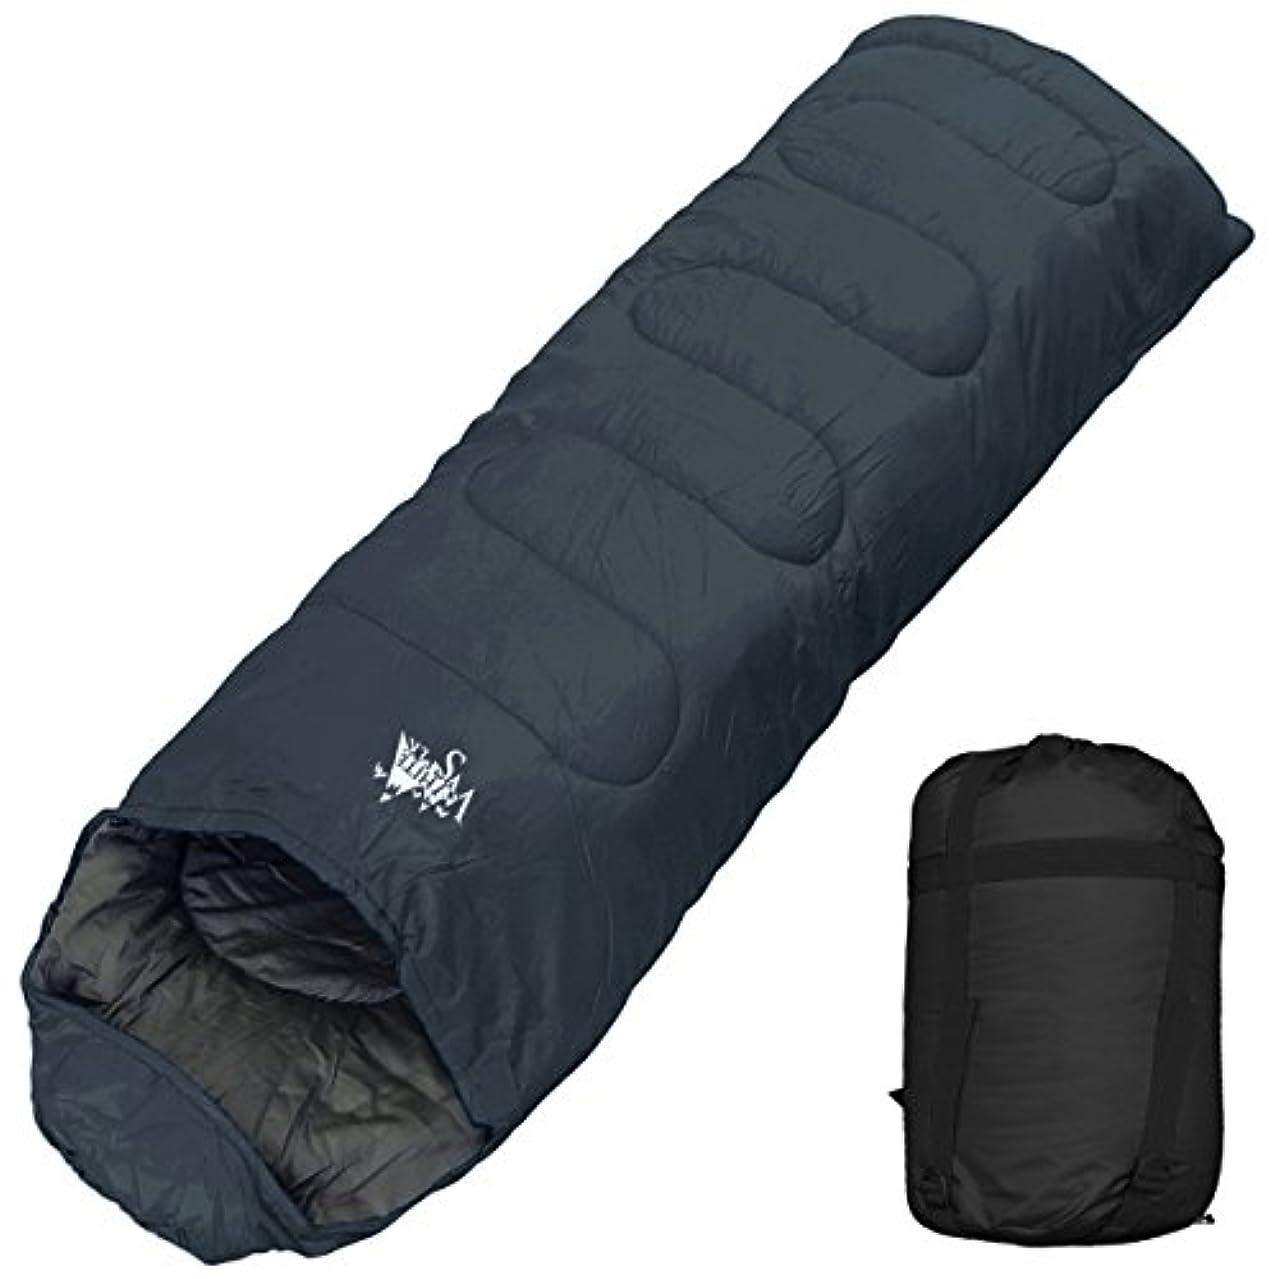 改善する代表面積archi 寝袋 シュラフ 封筒型 コンパクト収納 丸洗い 抗菌仕様 最低使用温度-15℃ 1800